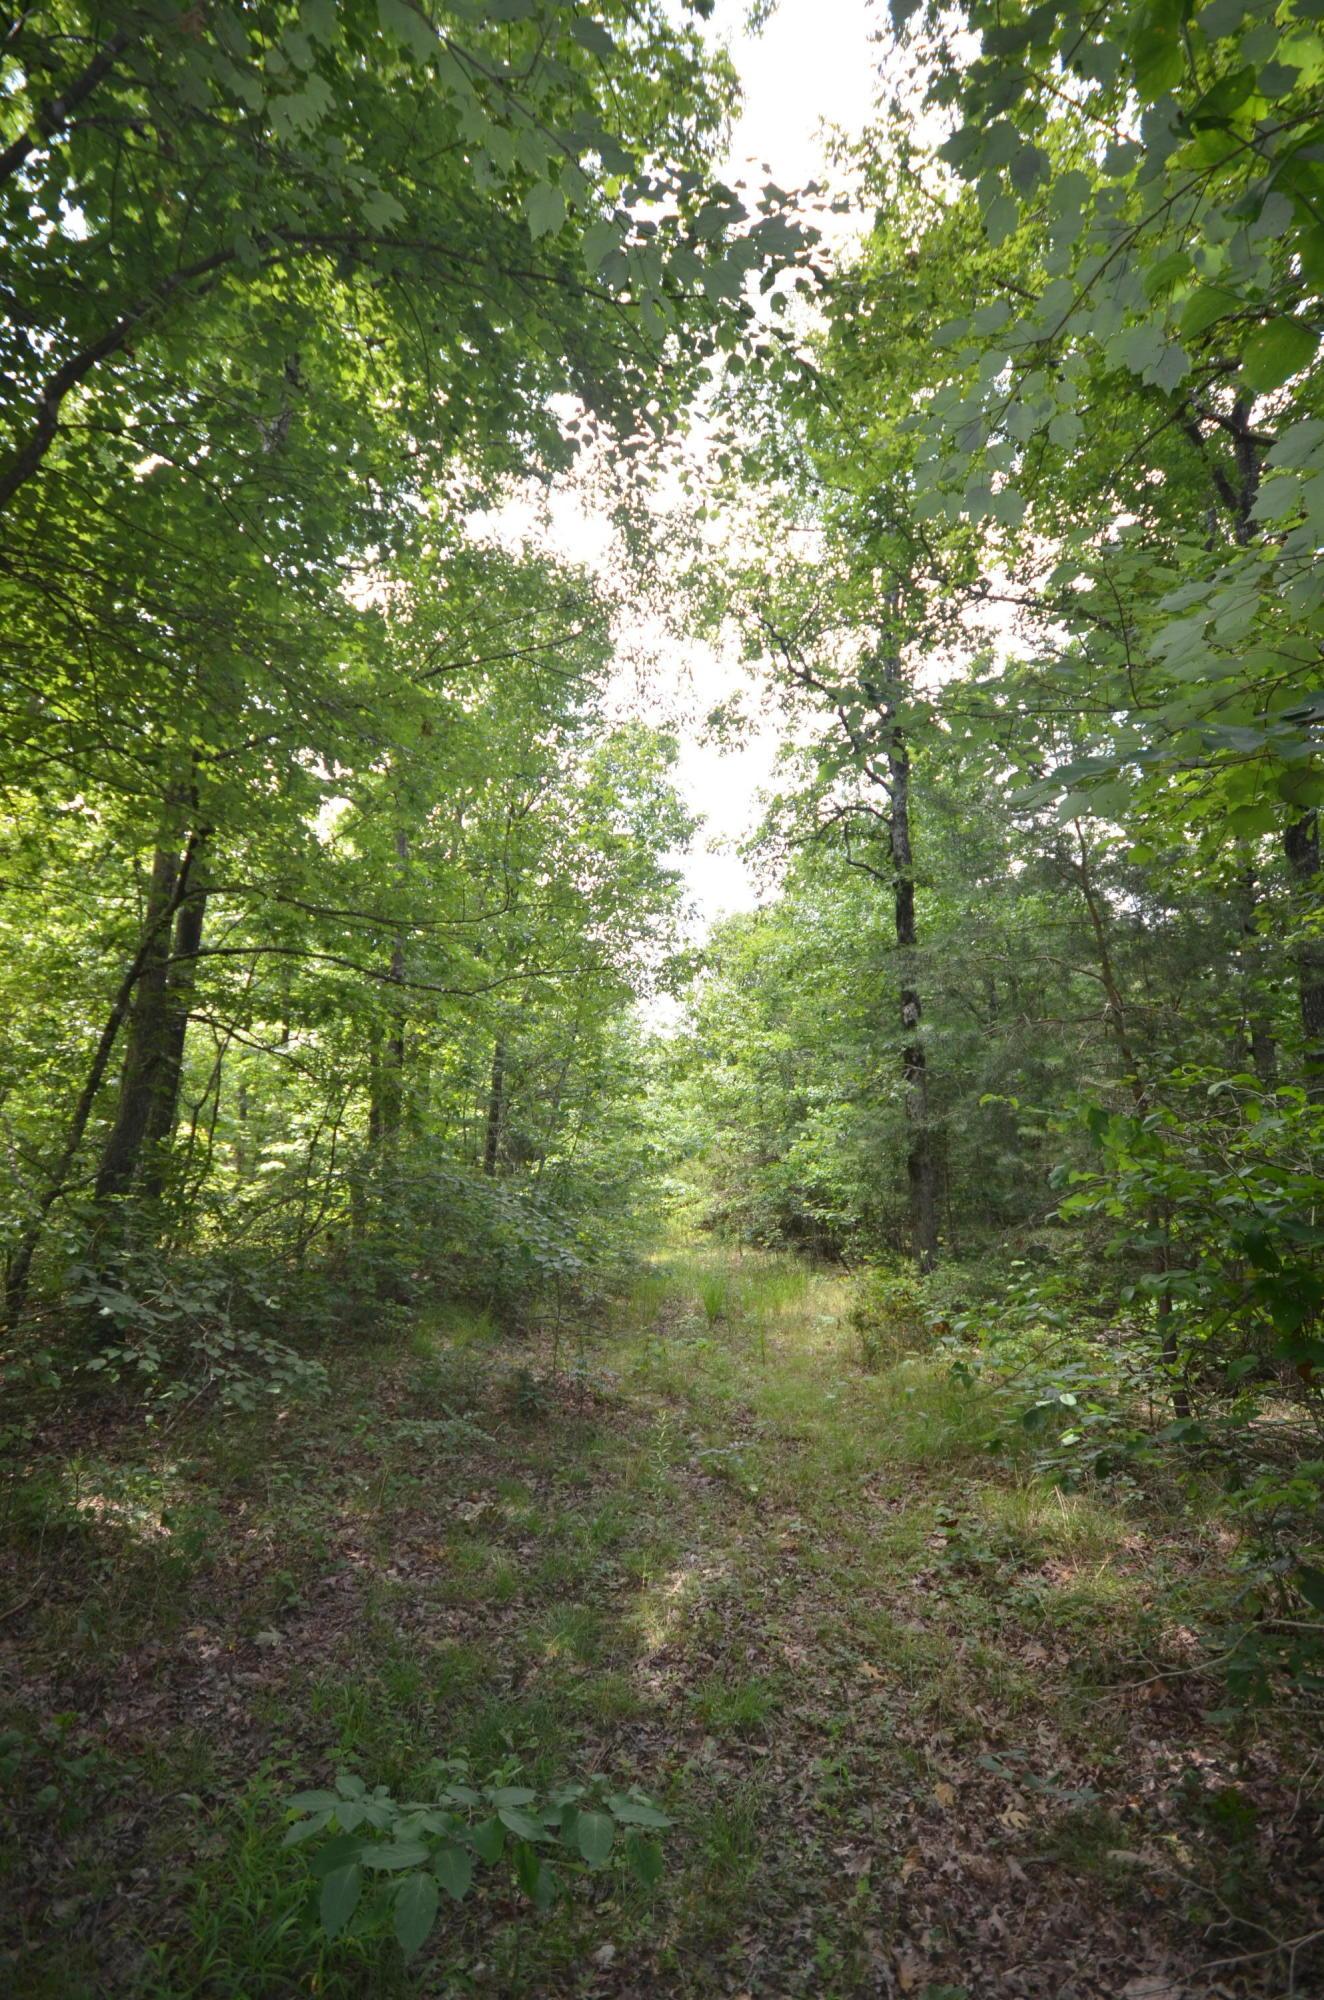 0 Hunters Trail Way 102, Altamont, TN 37301